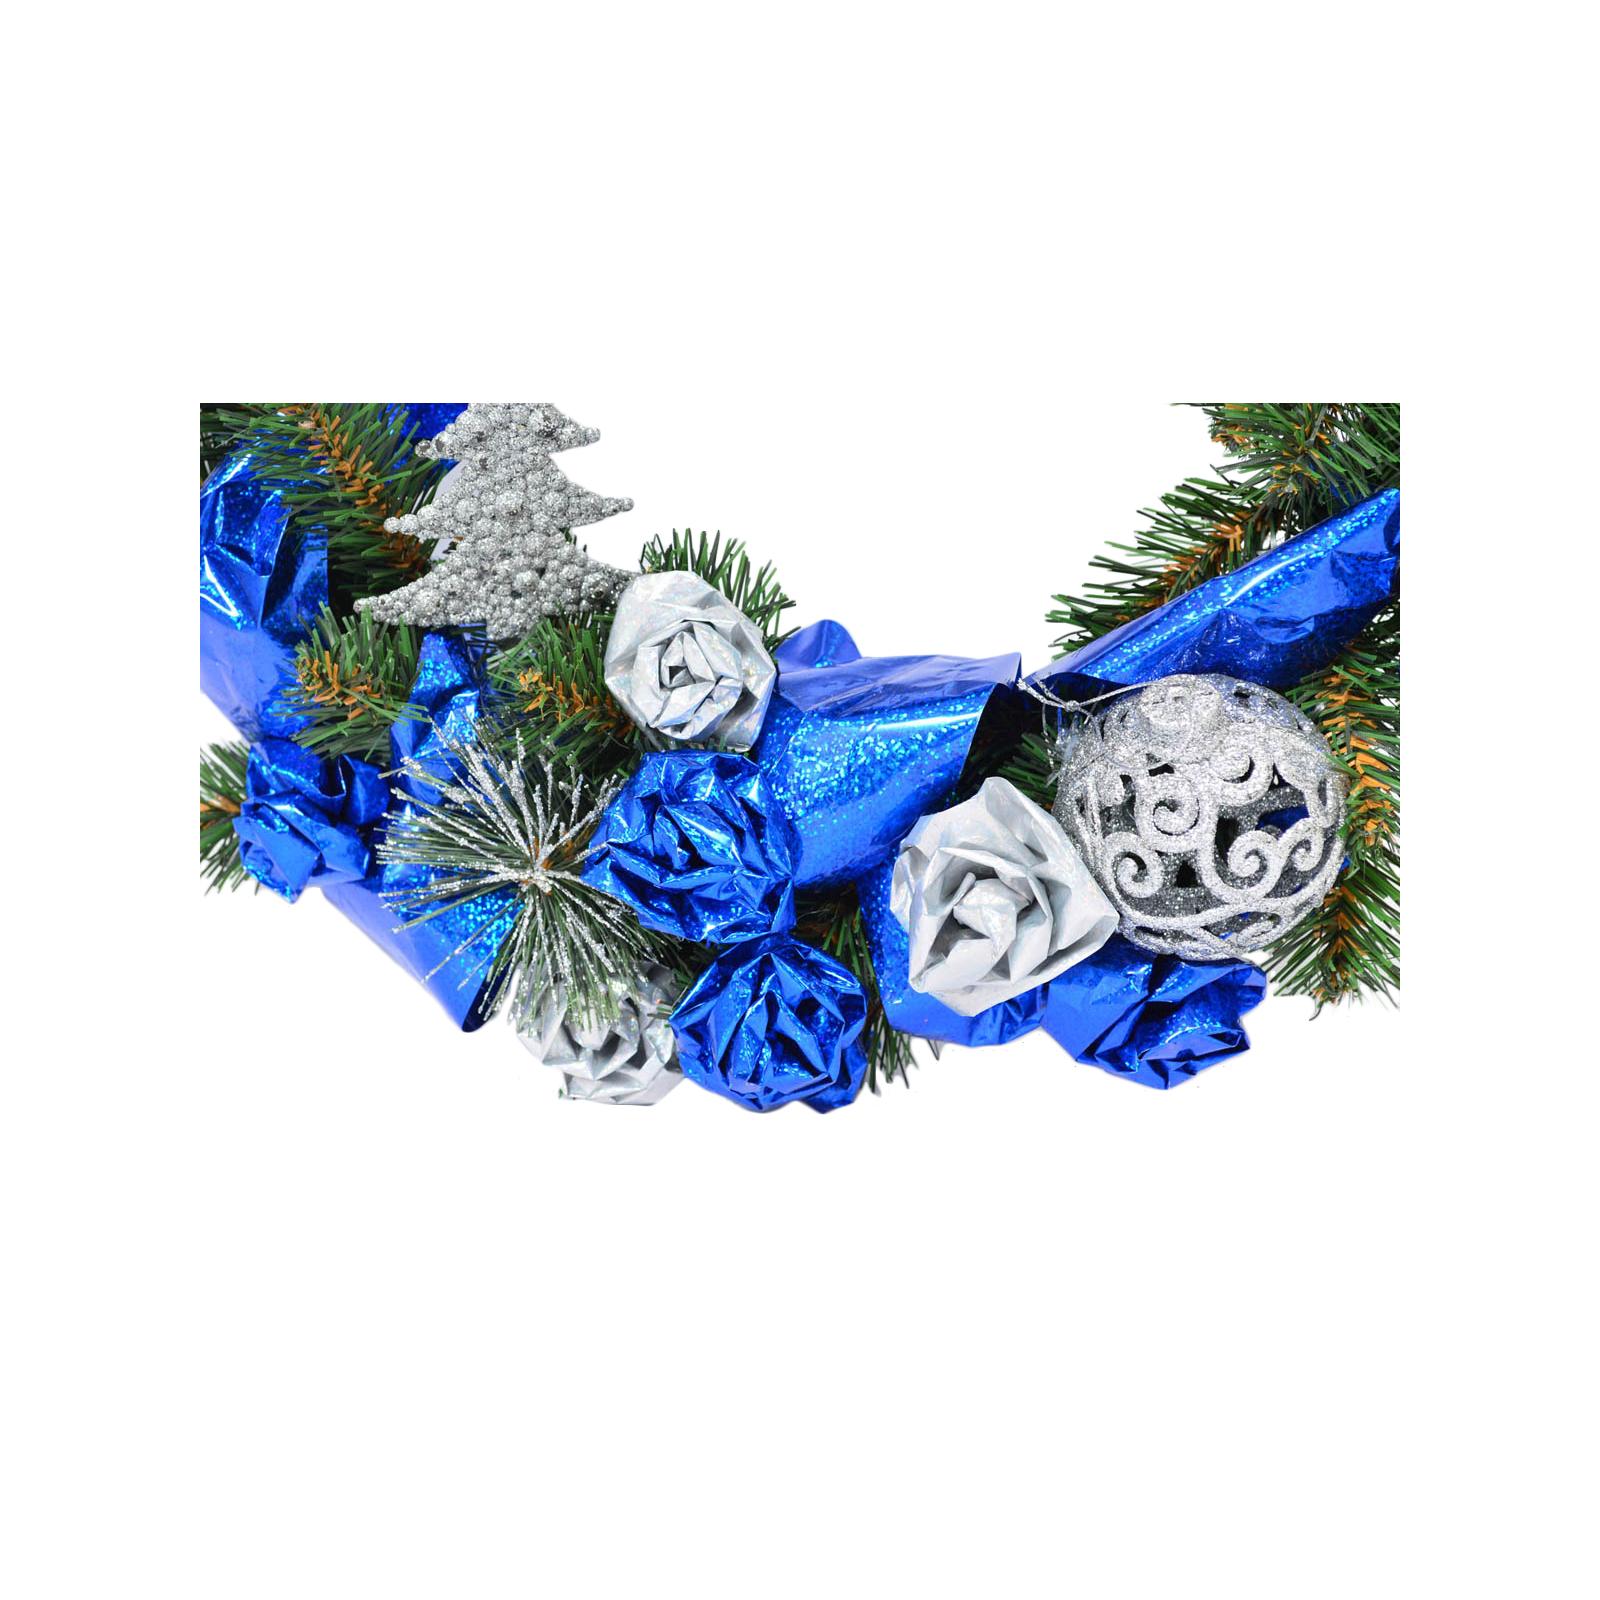 Украшение декоративное YES! Fun Венок с украшением Зимний винтаж 35 см (903729) изображение 2